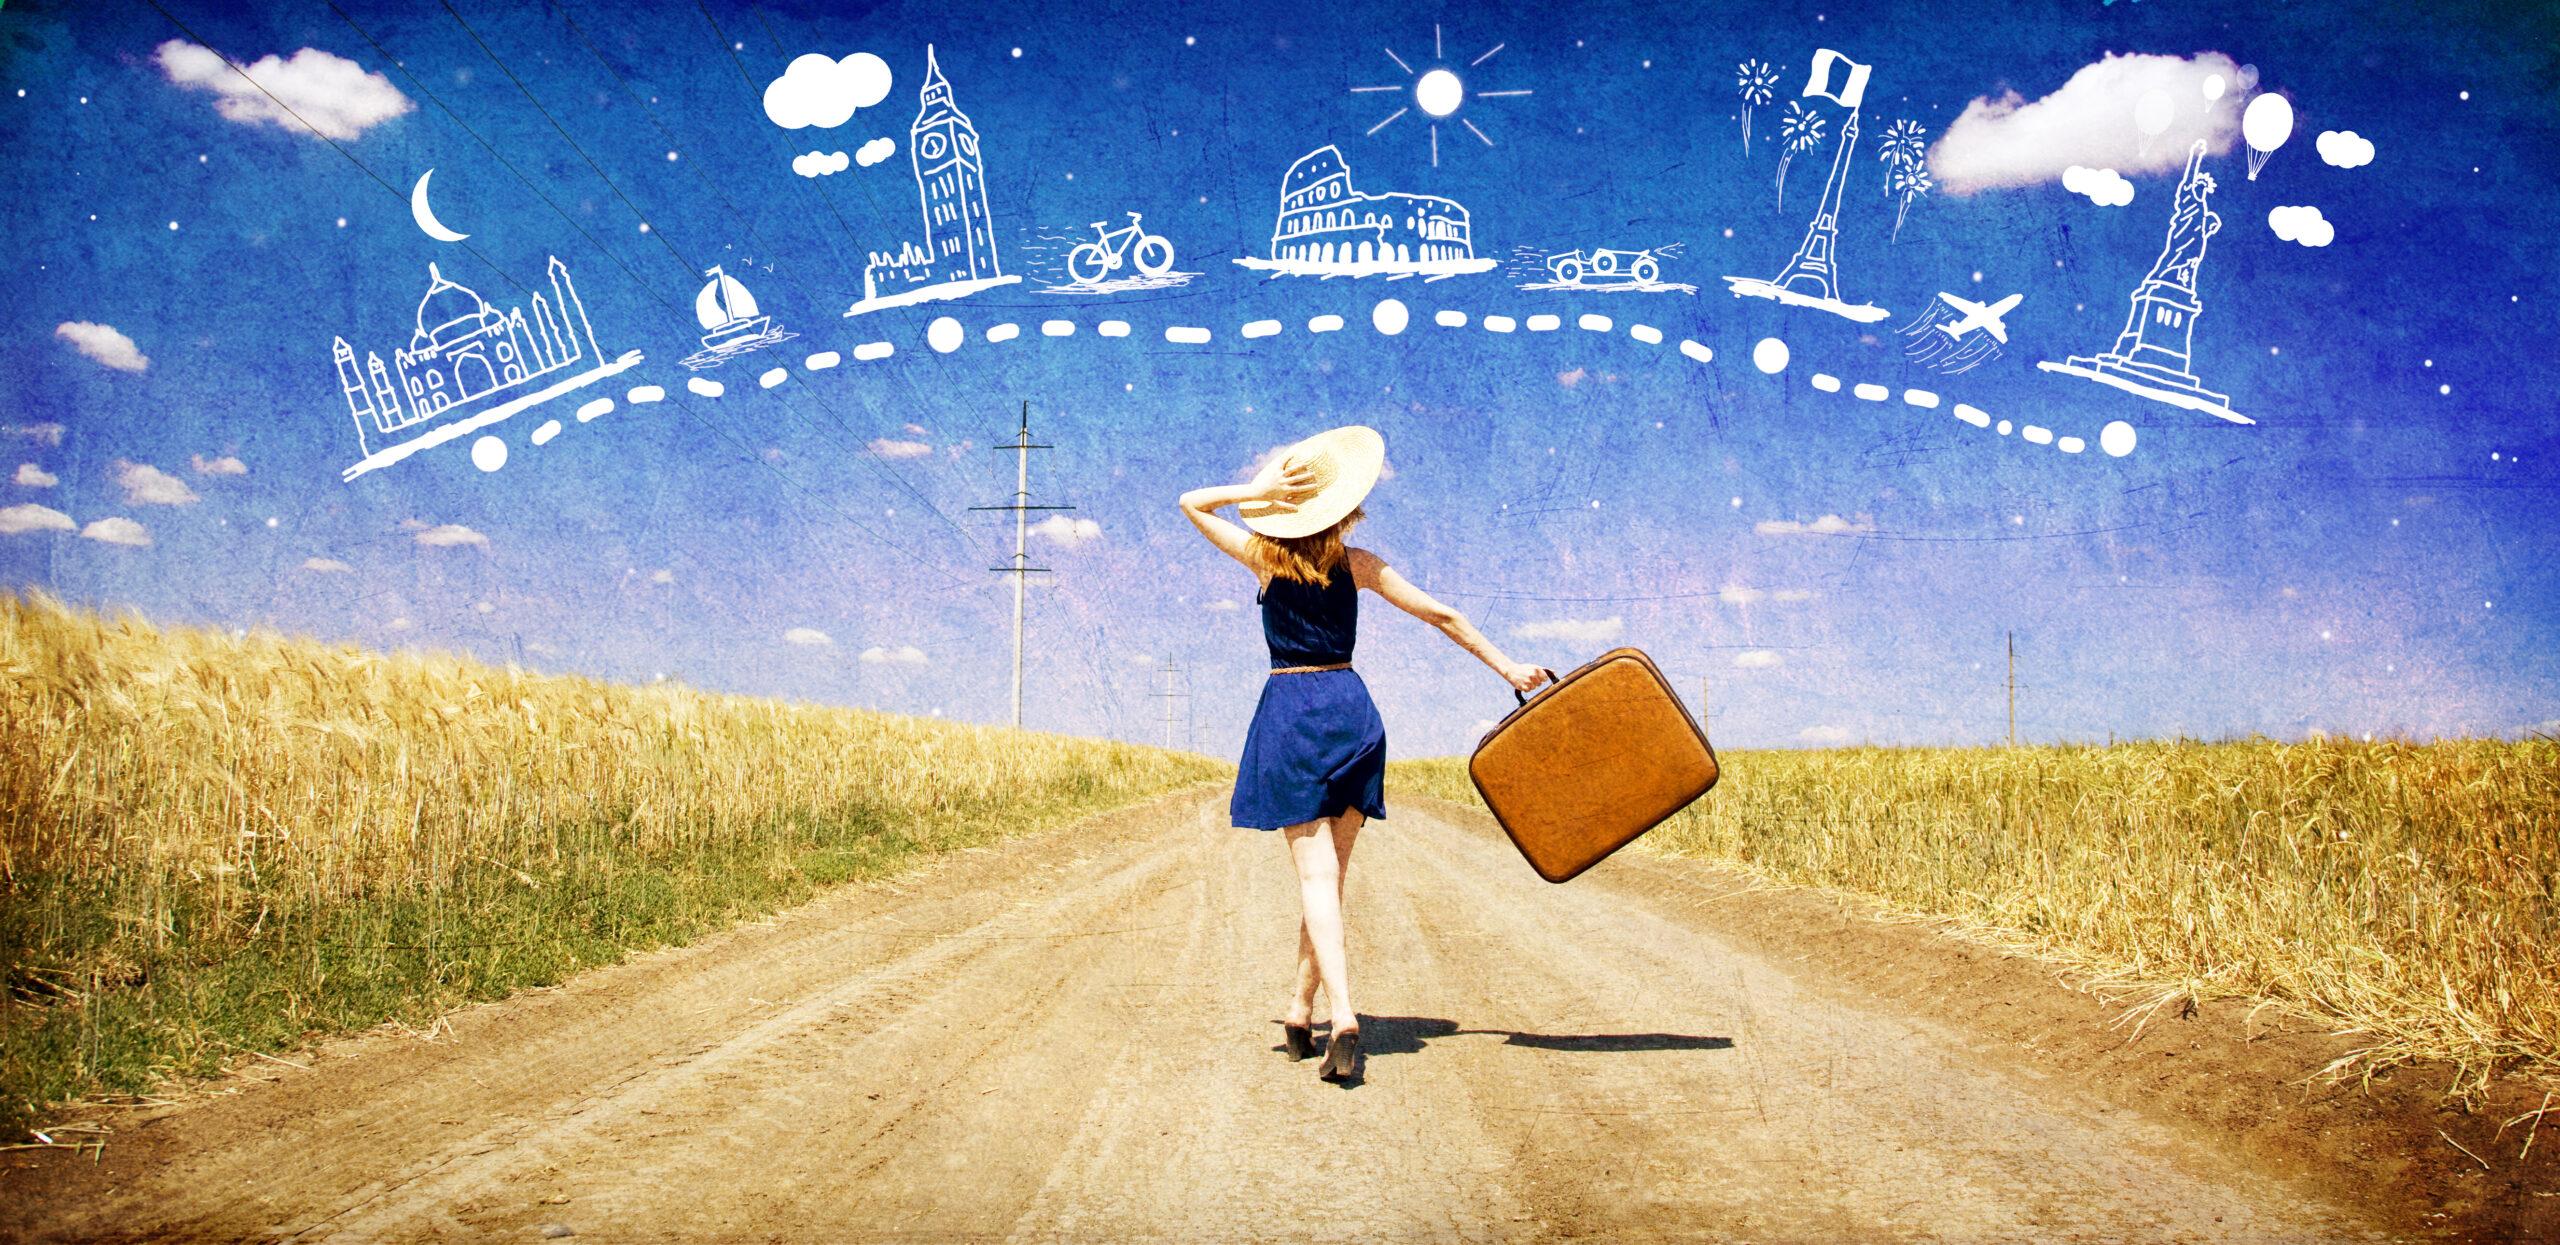 ایده هایی برای تولید محتوا در سایت های سفر و گردشگری